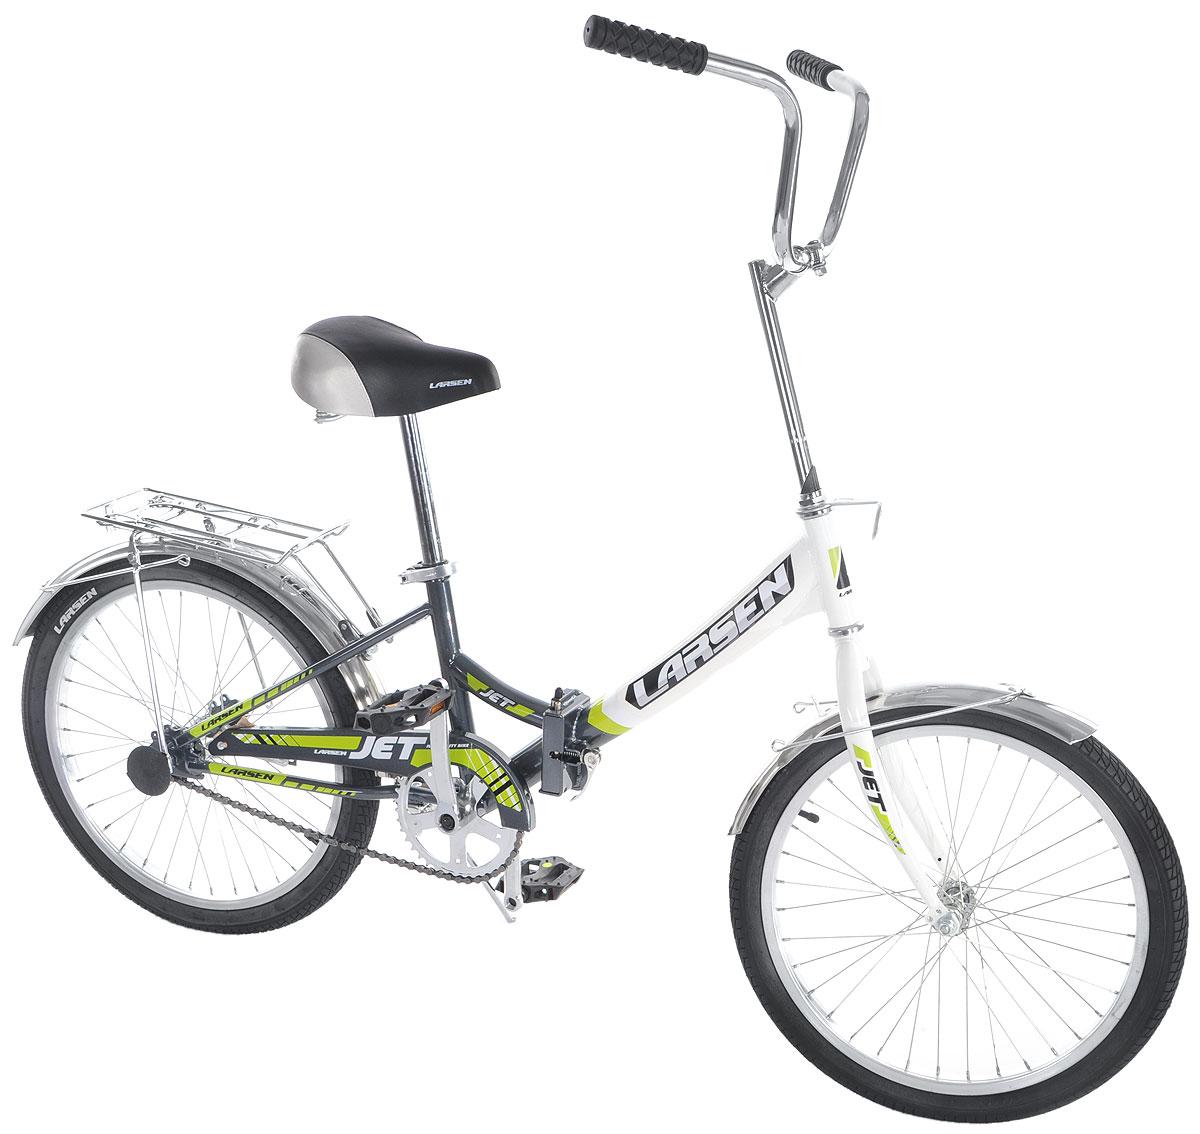 Велосипед Larsen Jet 20, цвет: белый, серый336220Велосипед Larsen Jet 20 - это складной подростковый велосипед, который станет прекрасным подарком для вашего ребенка. Велосипед идеально справится со своим прямым предназначением - катанием по асфальтированным и грунтовым дорогам. Модель прекрасно сконструирована: современный яркий дизайн, безопасность, удобная форма рамы - вот ее главные преимущества. Благодаря полноценной защите цепи, исключены попадание в цепь одежды и малейшая возможность случайно поцарапаться. У данной модели качественная, прочная, легкая и удобная рама из стали с жесткой вилкой, которая менее подвержена механическим повреждениям и коррозии в сырую погоду. Конструкция рамы - складная, это позволит компактно перевозить велосипед и хранить его в квартире. Мягкое подпружиненное седло велосипеда и руль регулируются по высоте, что придает комфорт, делая прогулки по городу более удобными. Колесадиаметром 20 дюймов с покрышками Wanda и алюминиевыми ободами обладают хорошей маневренностью, ускорением и накатом. Ножной педальный тормоз отличается предельной простотой в использовании и надежностью. Чтобы привести его в действие, нужно вращать педали в обратную сторону. Велосипед оснащен полноразмерными крыльями, которые спасают от грязи, что делает его еще более практичным. Приятным и полезным дополнением служат подножка и багажник. Подростковый велосипед Larsen Jet 20 послужит идеальным спутником для отважных велосипедистов, предпочитающих активный образ жизни.Количество скоростей: 1 шт.Размер колес: 20 дюймов. Резина: Wanda p1079.Втулка передняя: fr-03 сталь.Втулка задняя: cf-e10 сталь.Тормоза: втулочные, ножные.